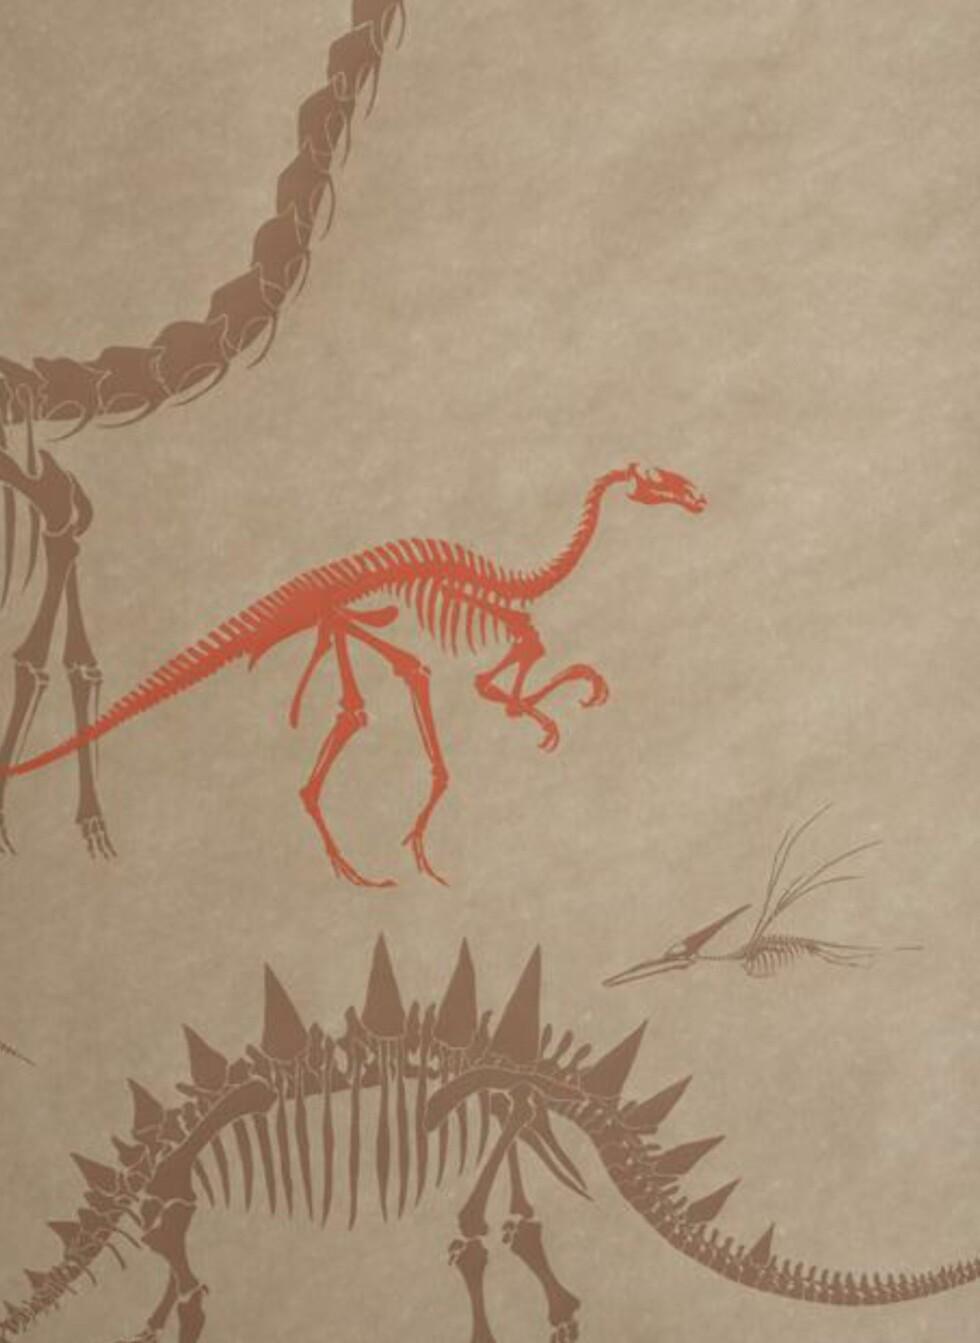 Dinosaurer kan også være fin dekorasjon. Denne er fra wallpapercollective.com. Foto: Produsent.